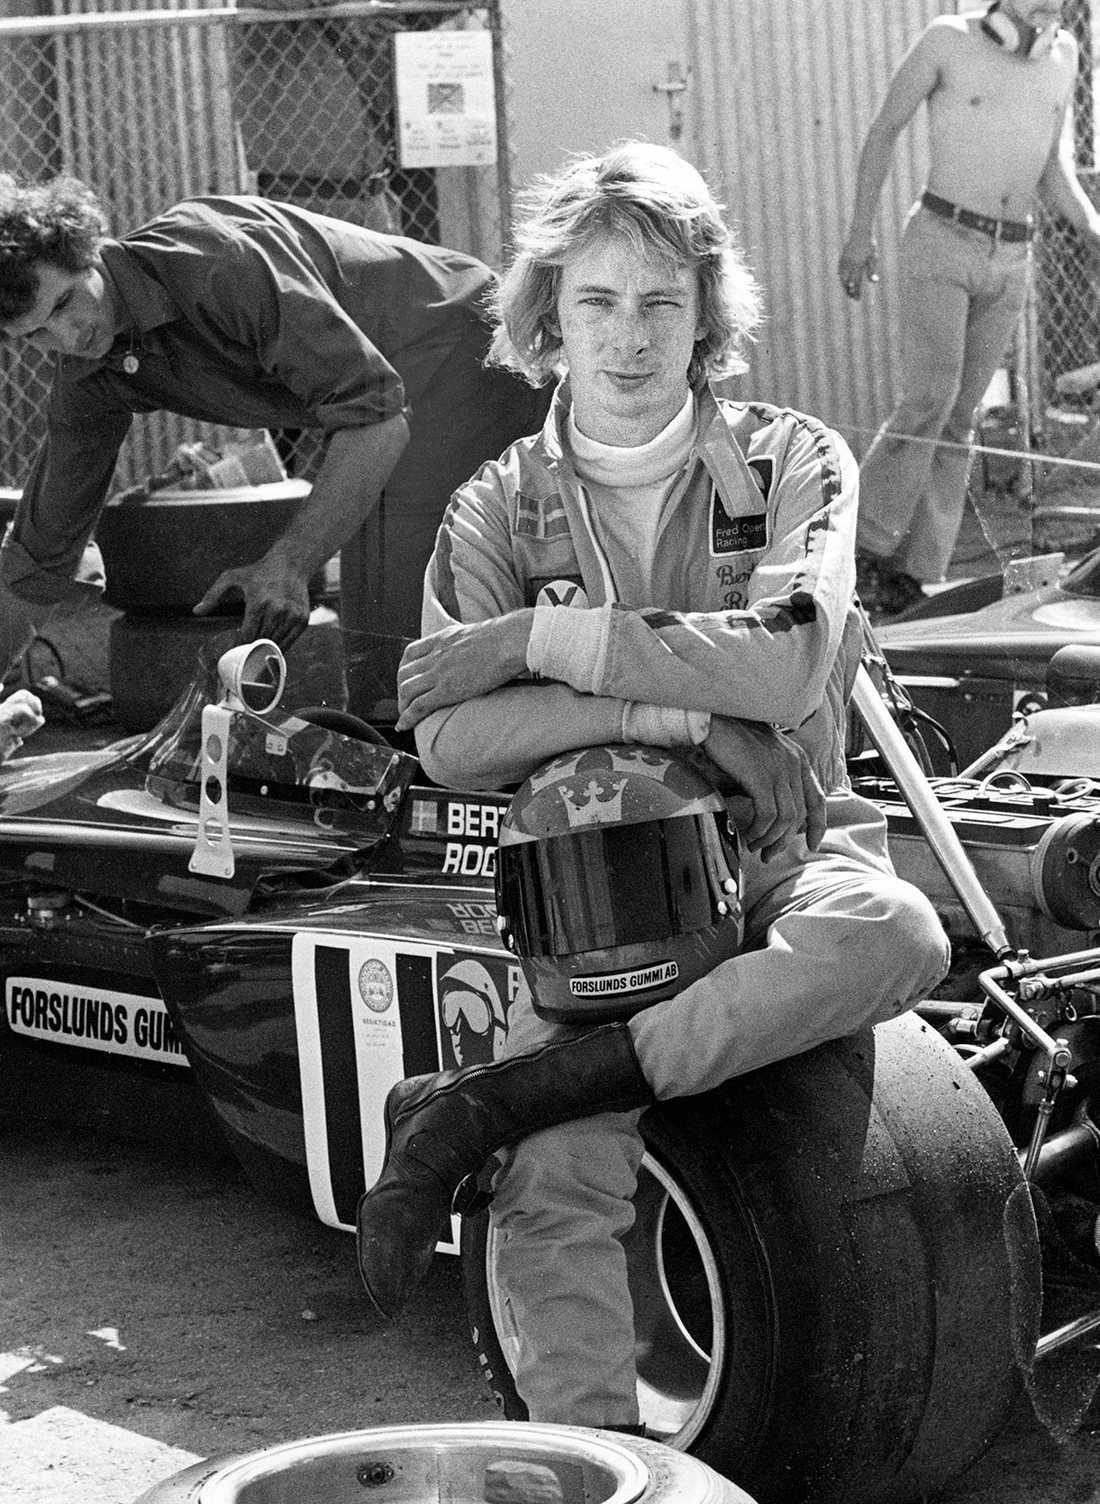 Bertil Roos Född: 12 oktober 1943. År i F1: 1974. GP-starter: 1. På Anderstorp, bröt pga problem med växellådan.